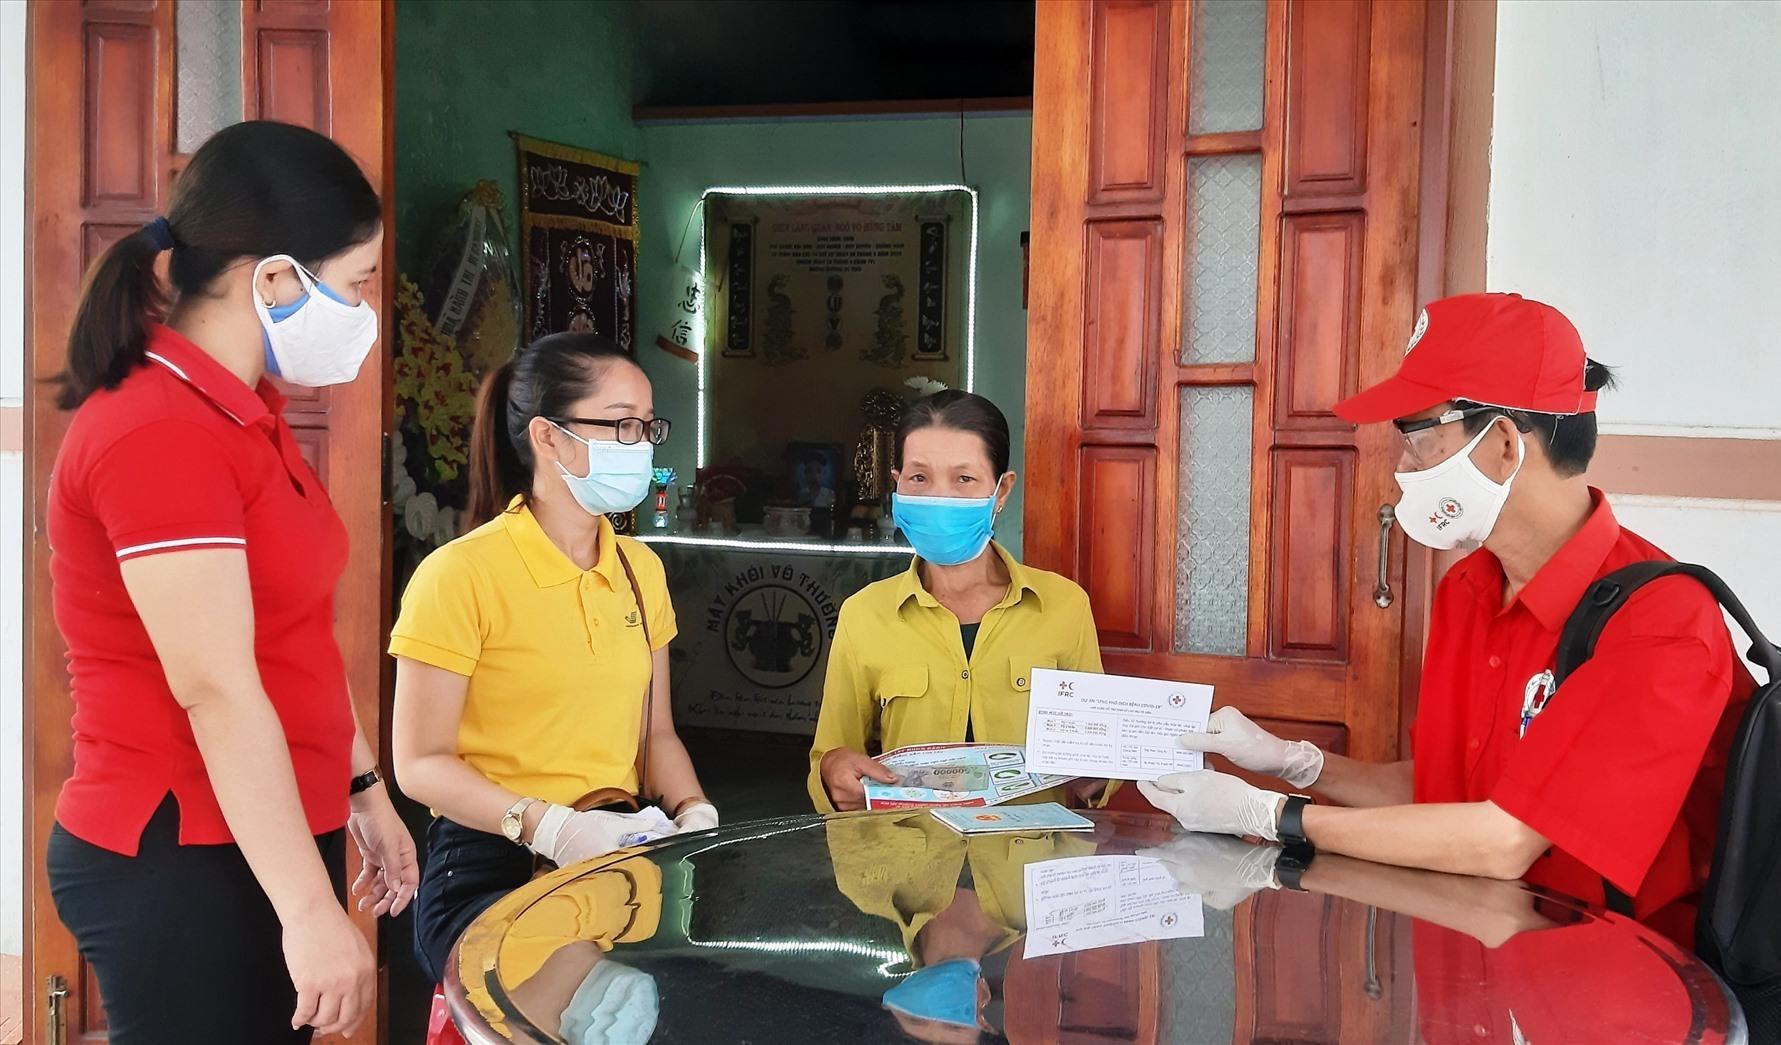 Đại diện lãnh đạo Hội Chữ thập đỏ tỉnh đến tận nhà trao tiền hỗ trợ người dân xã Duy Nghĩa vào sáng nay 14.8. Ảnh: T.P